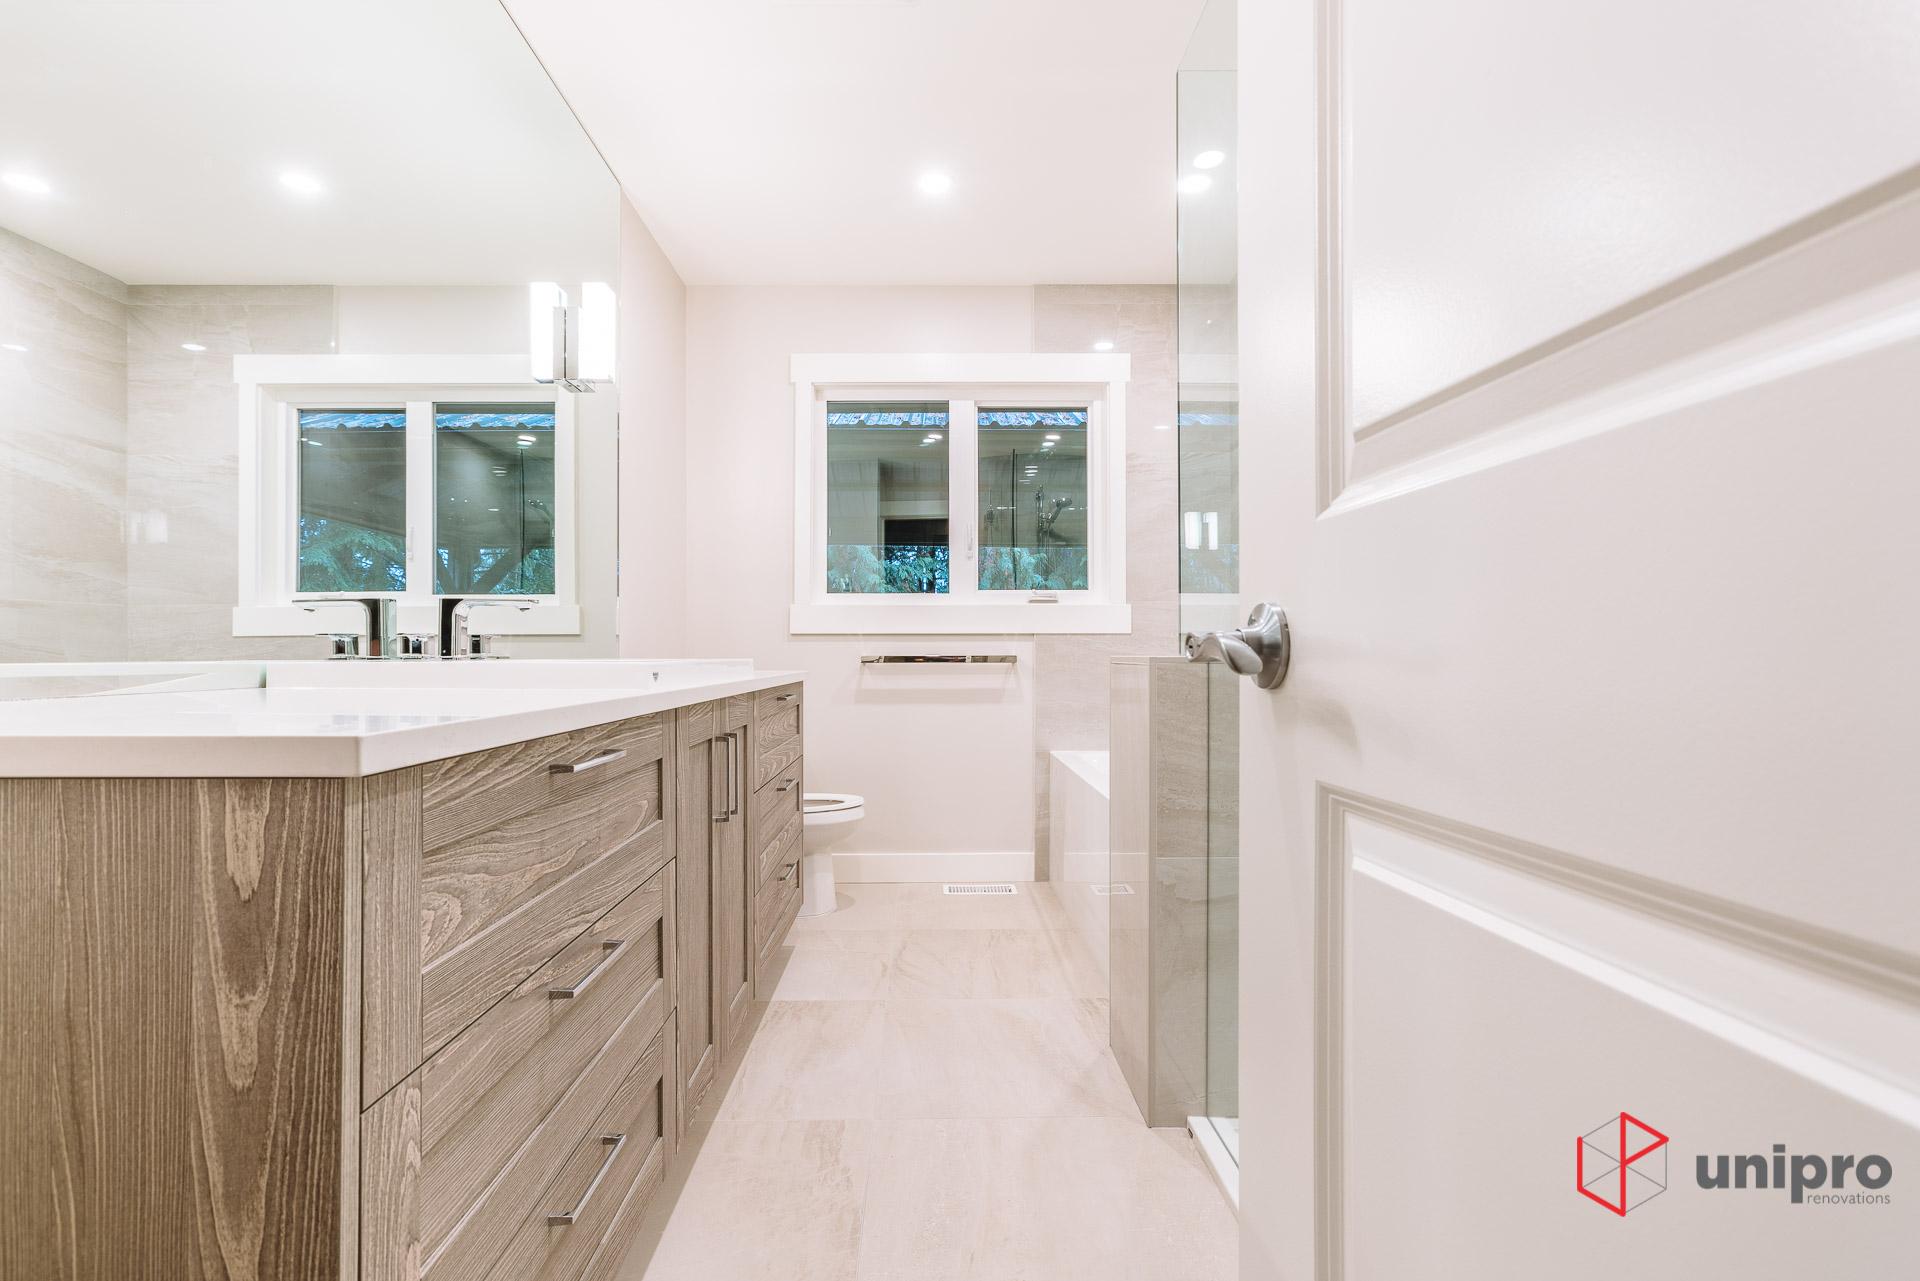 north-vancouver-bathroom-renovation-1